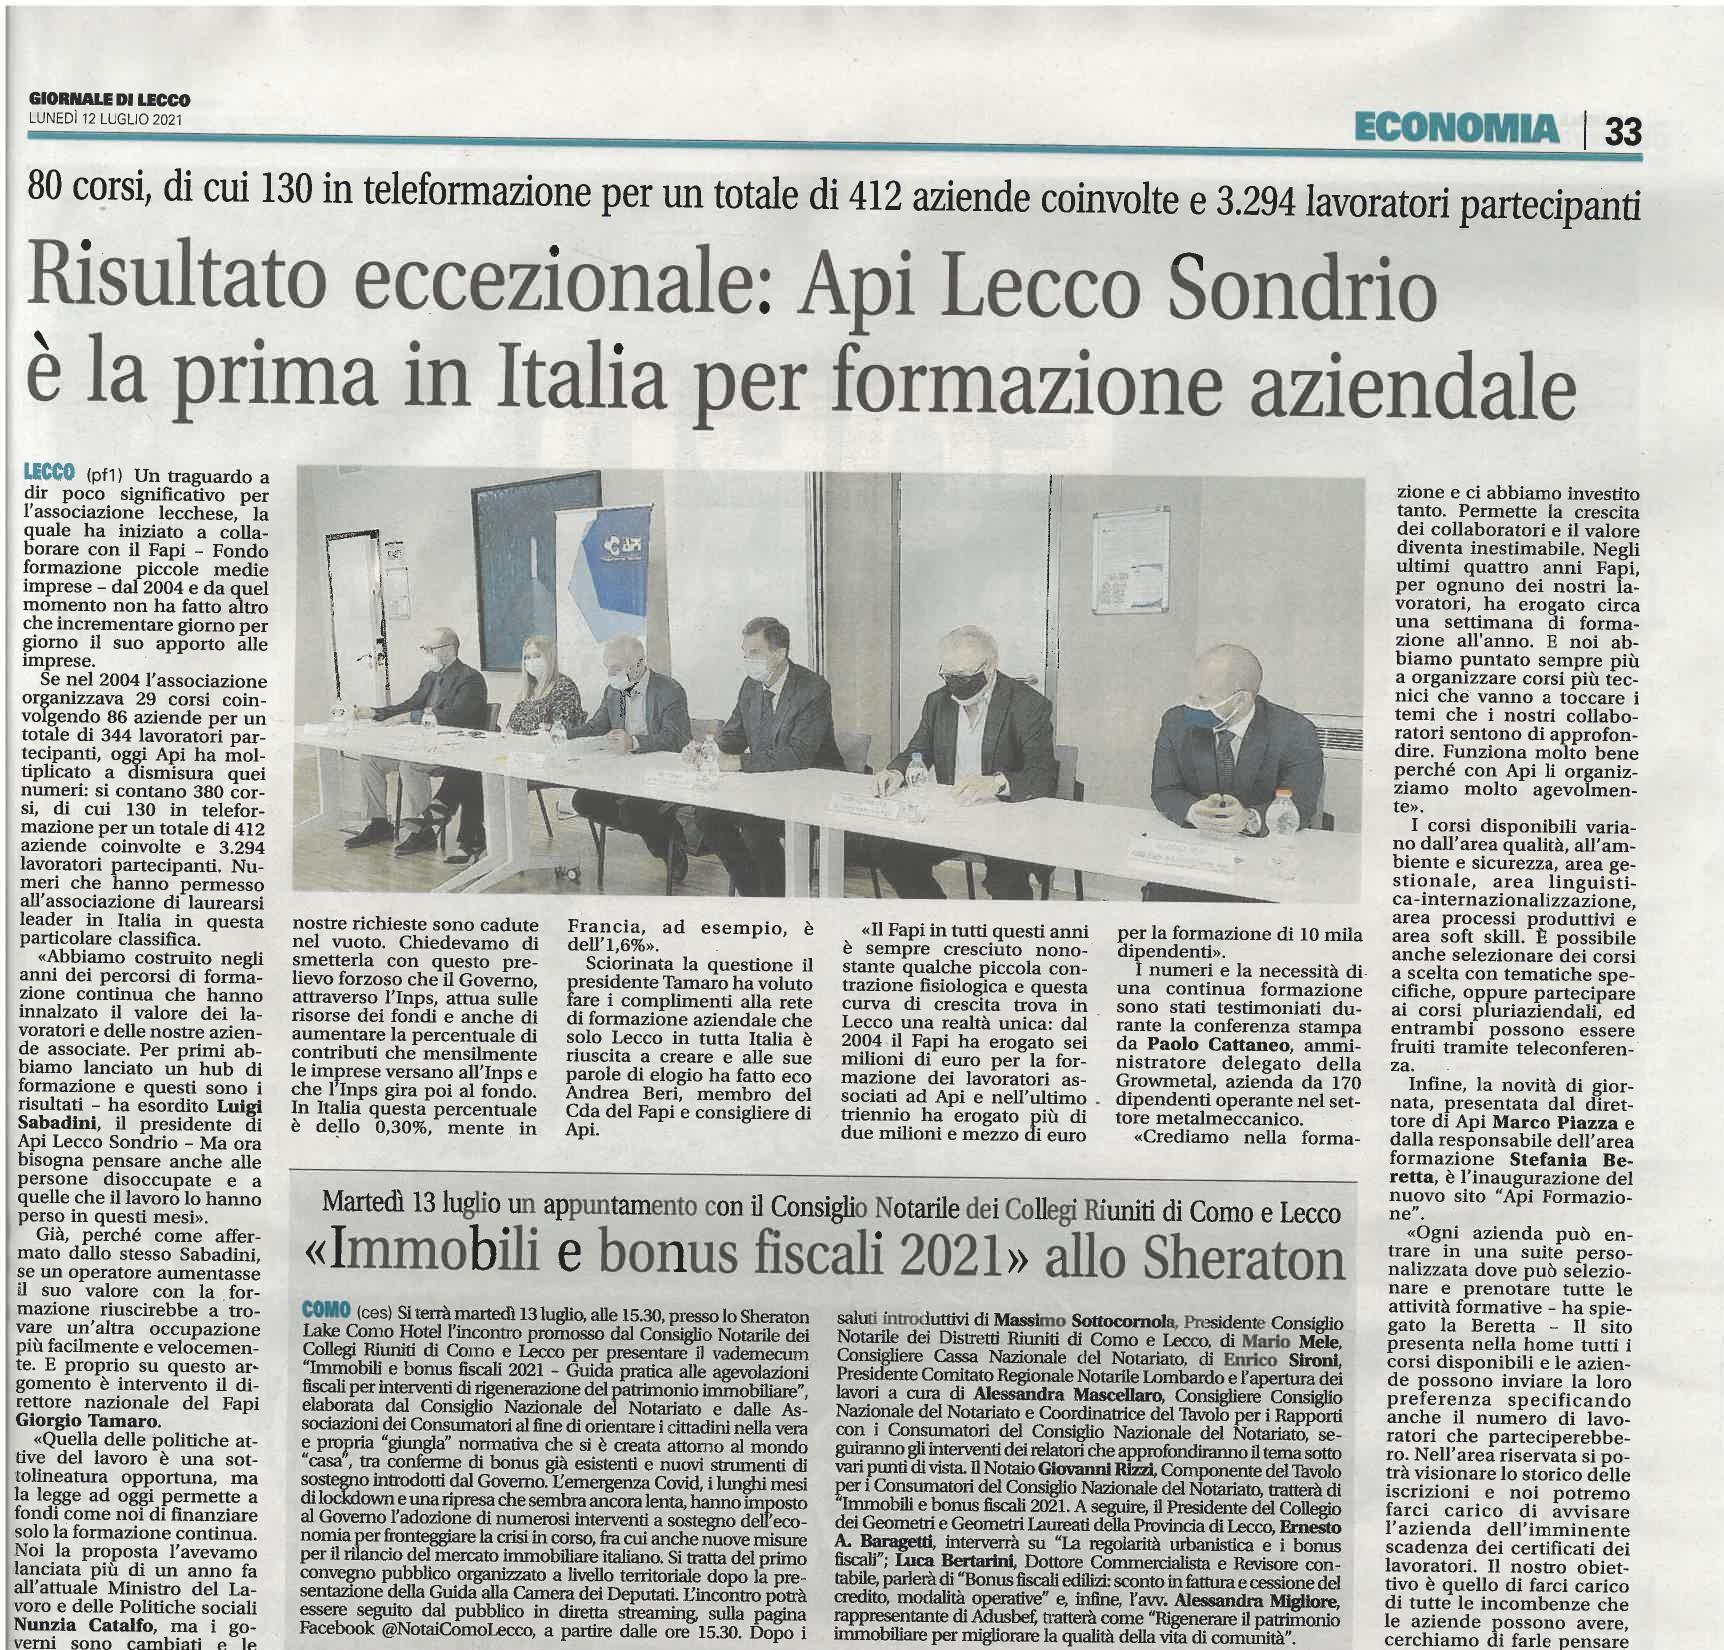 Risultato eccezionale: Api Lecco Sondrio è la prima in Italia per formazione aziendale